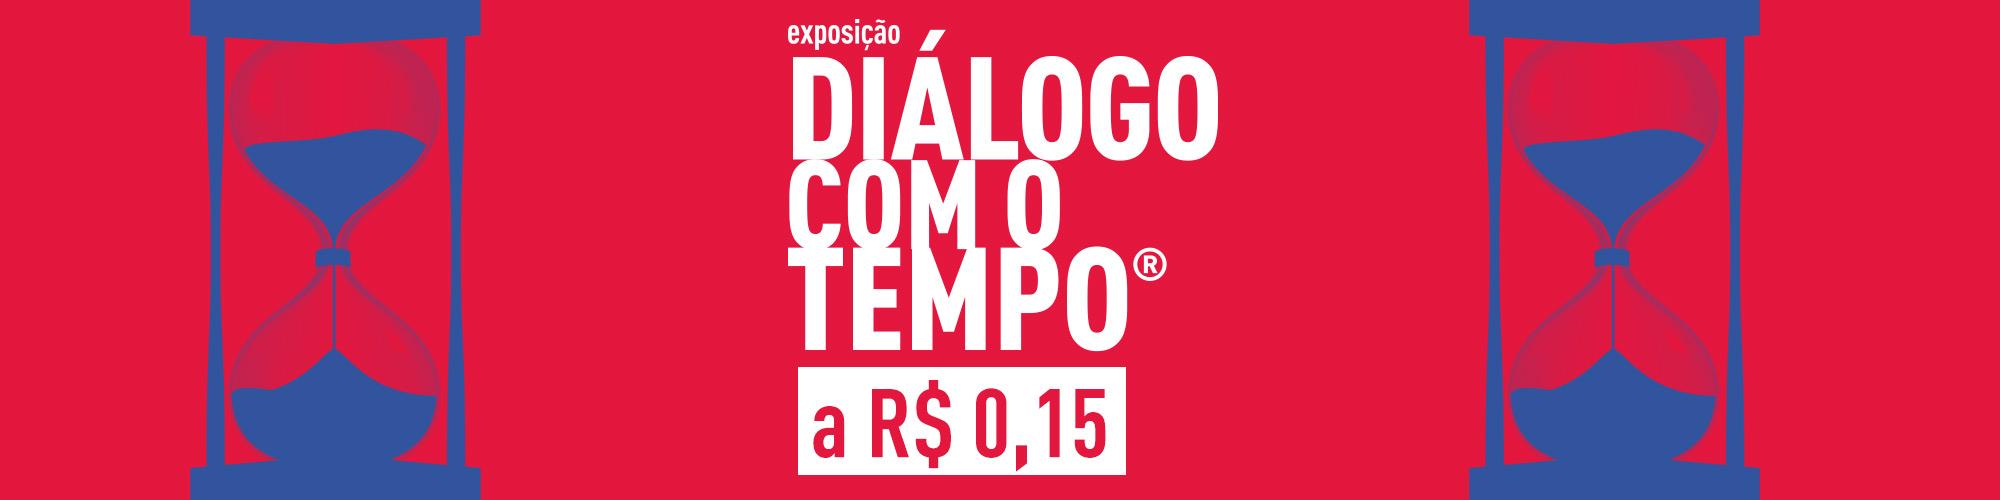 """Em ação comemorativa, ingressos para exposição """"Diálogo com o Tempo"""" custam R$ 0,15 cada um"""